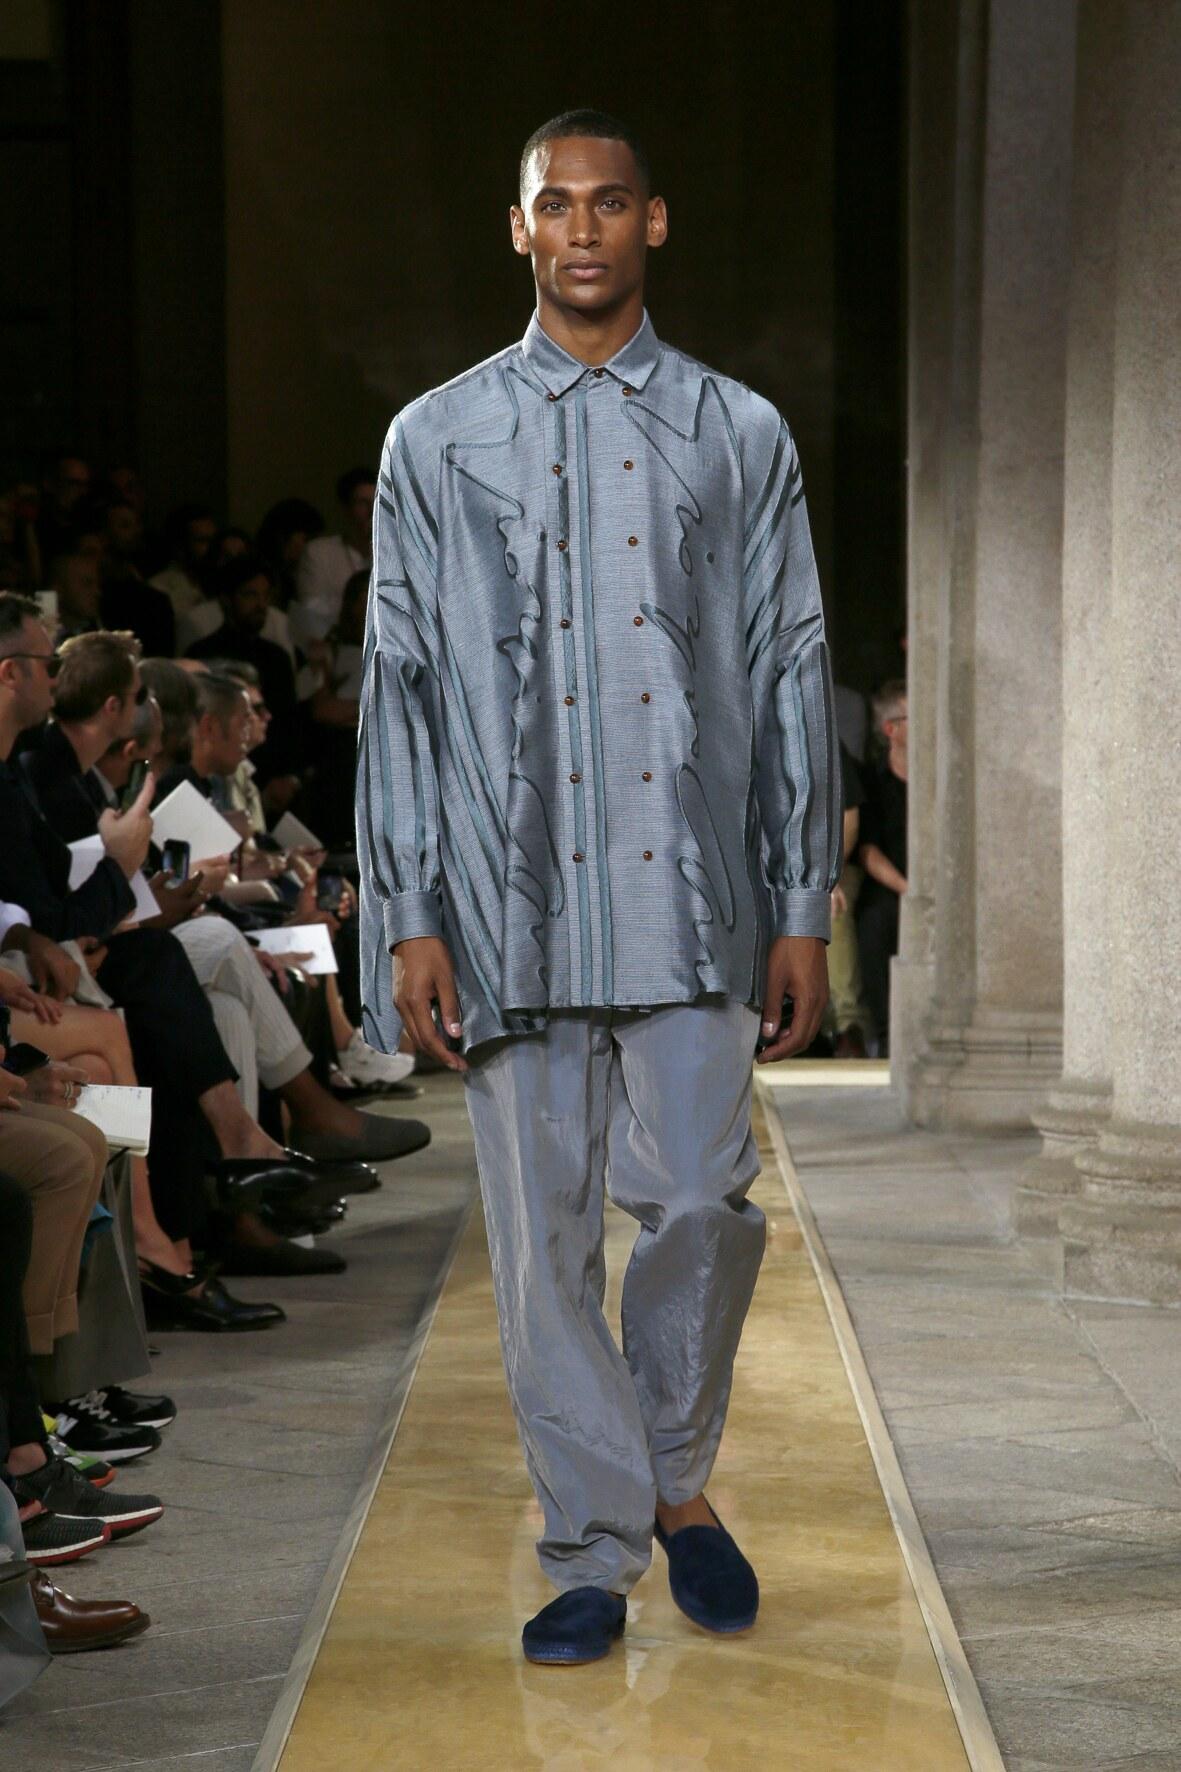 Fashion 2020 Catwalk Giorgio Armani Summer Mens Collection